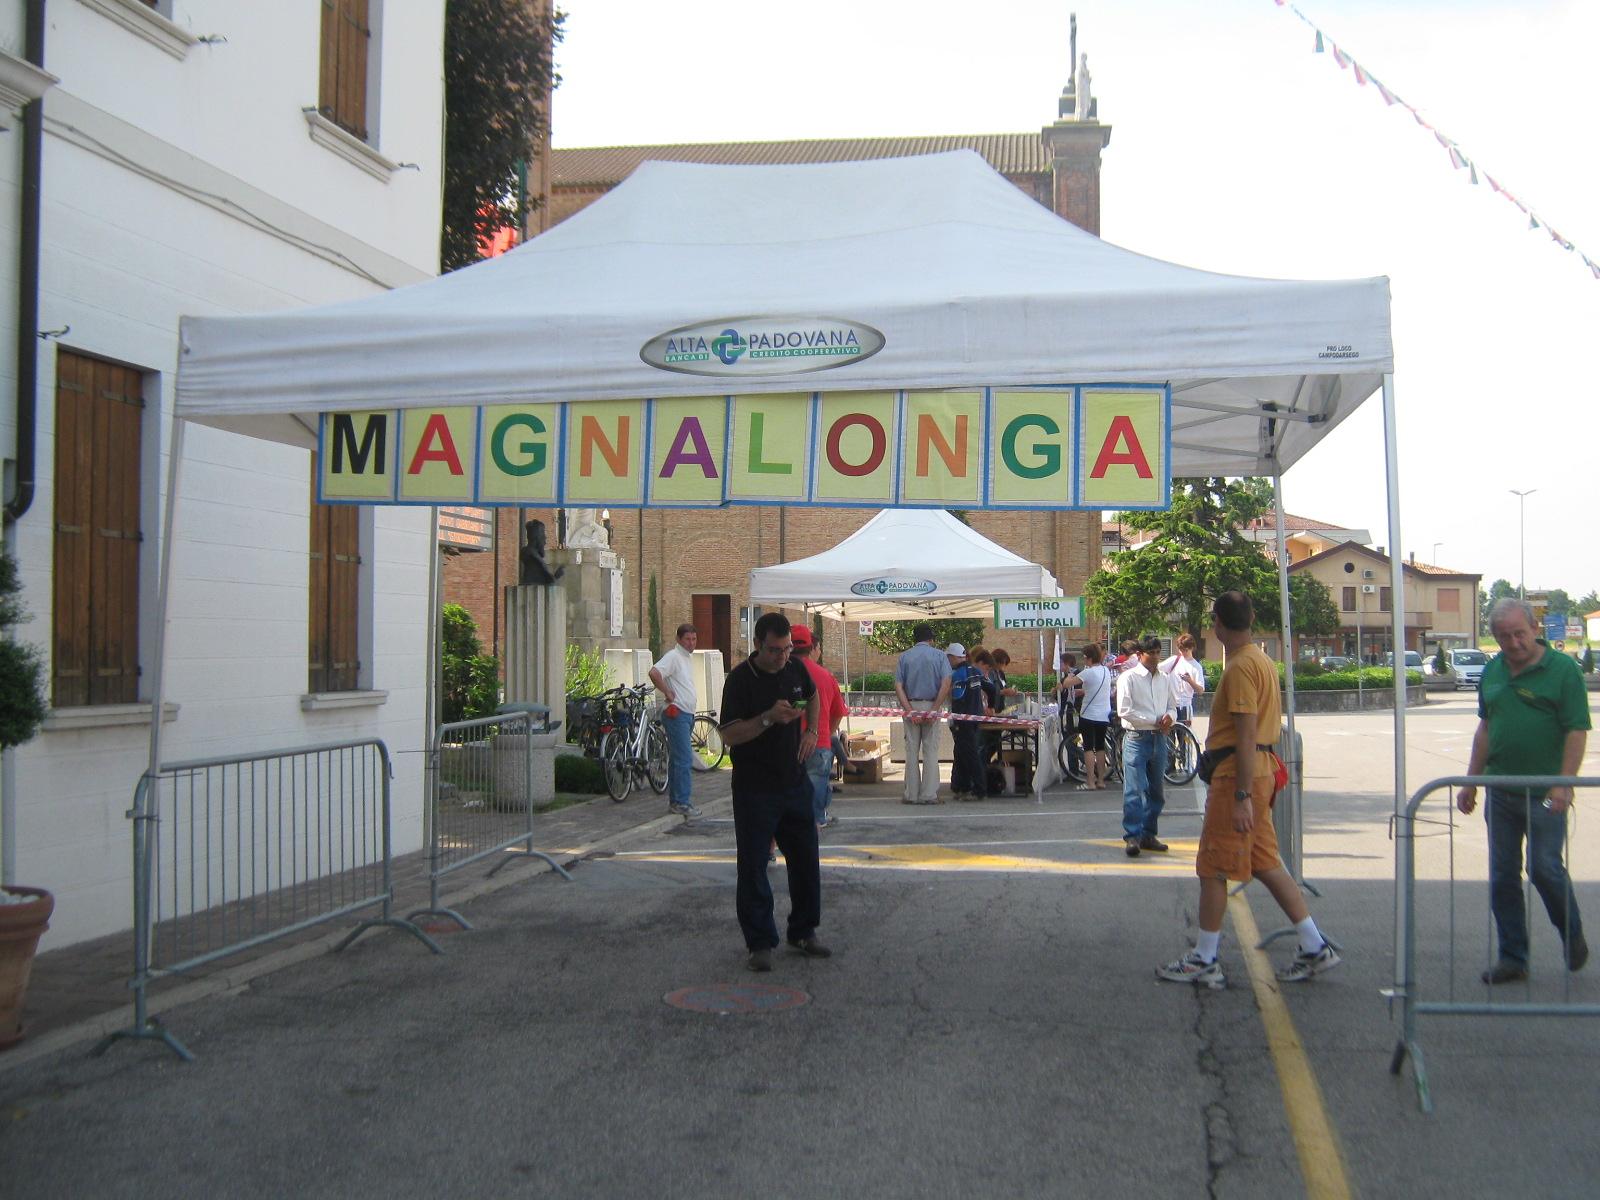 Magnalonga 2012